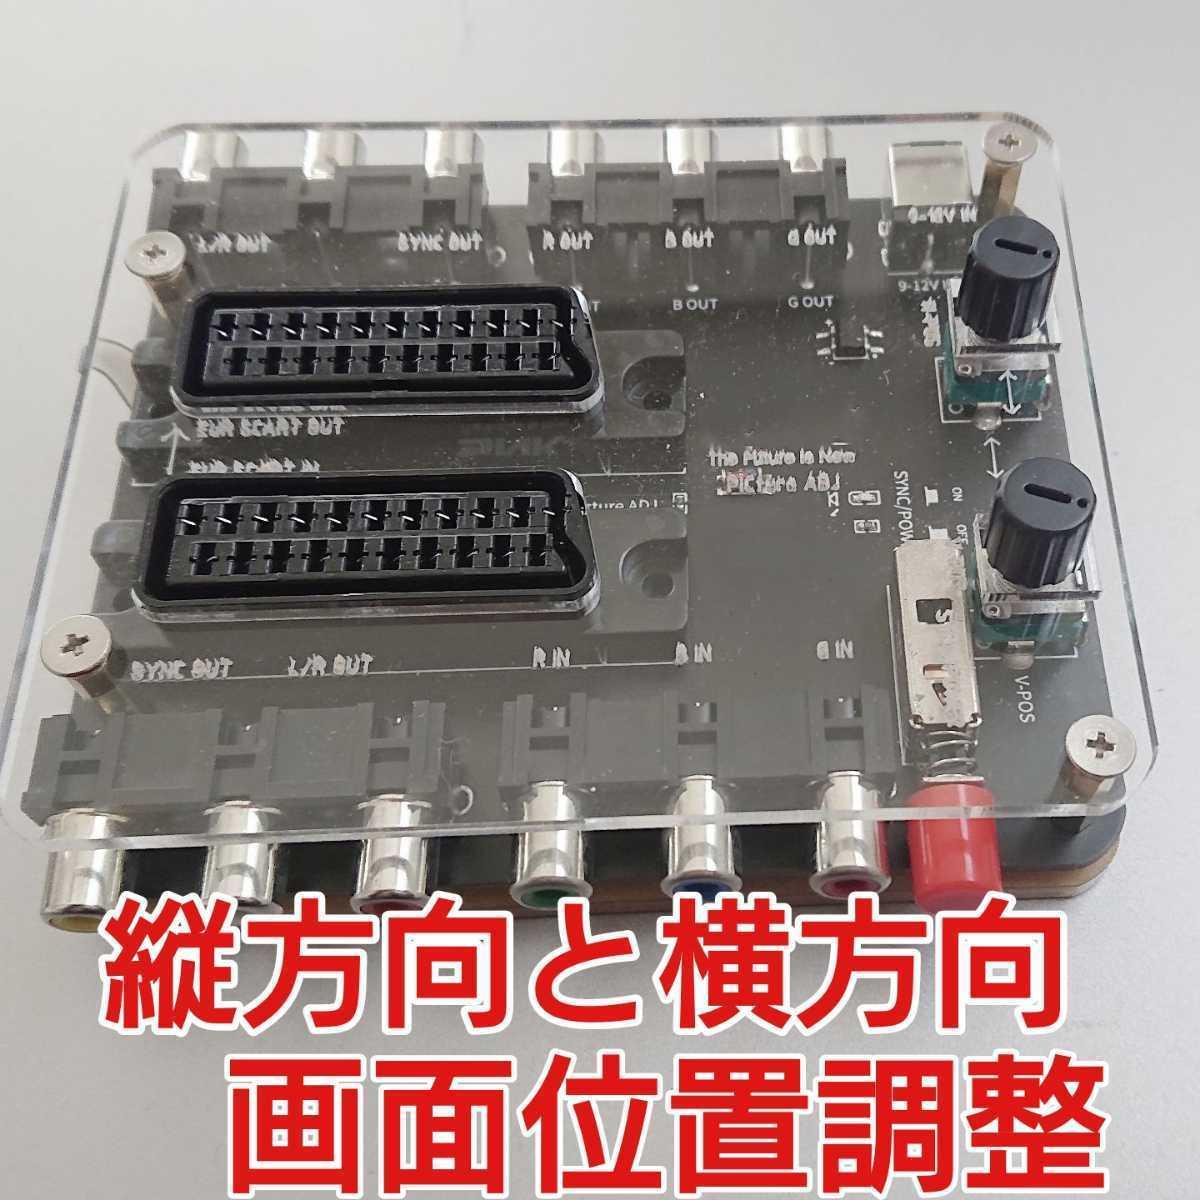 ネオジオ対応画面位置調整基板 15khz対応 SCART規格のケーブルに対応 NEOGEO対応 非RGB21ピン 位置調節 画面調整